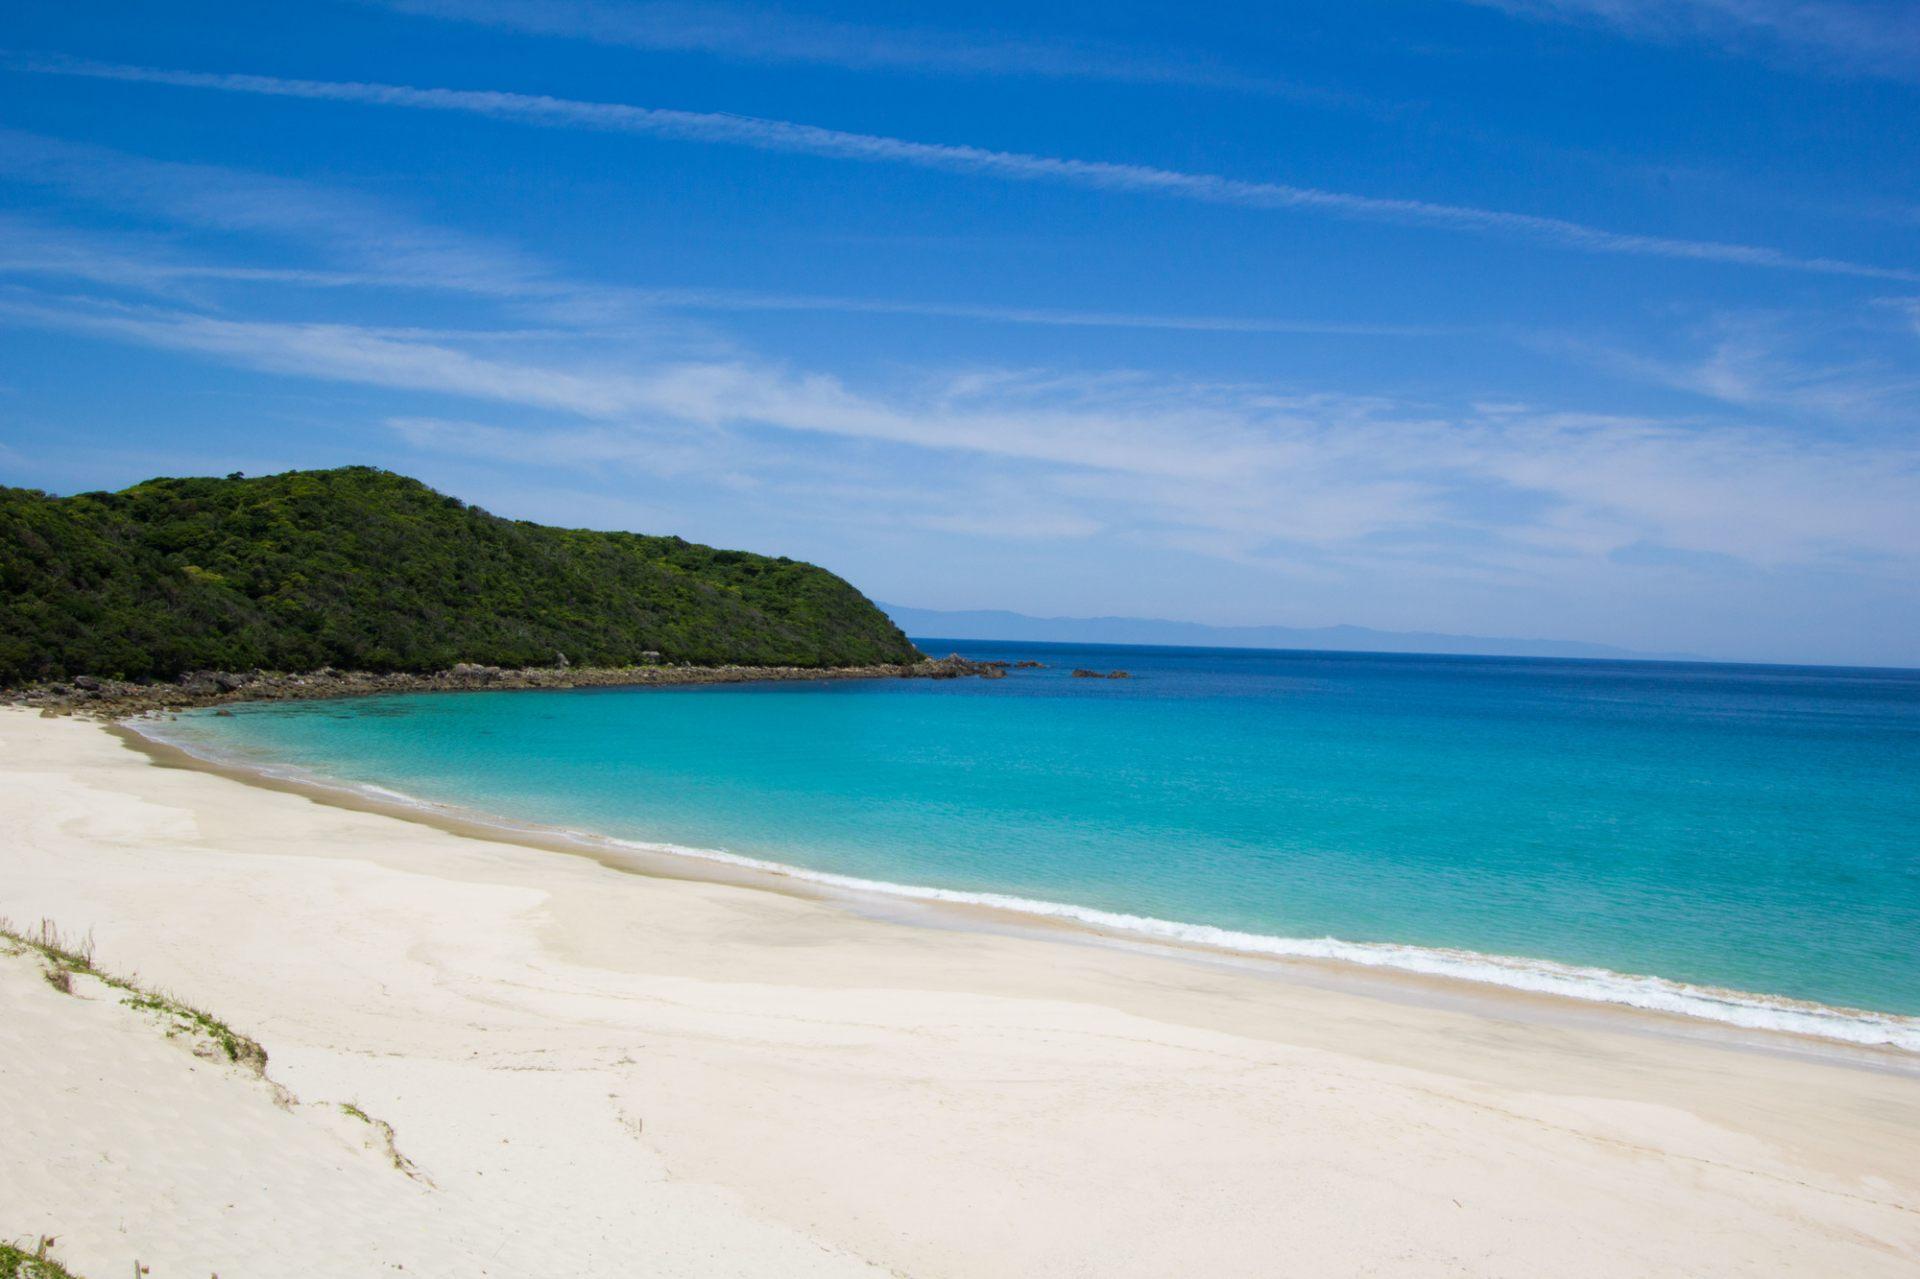 清澈透明的海水和海灘